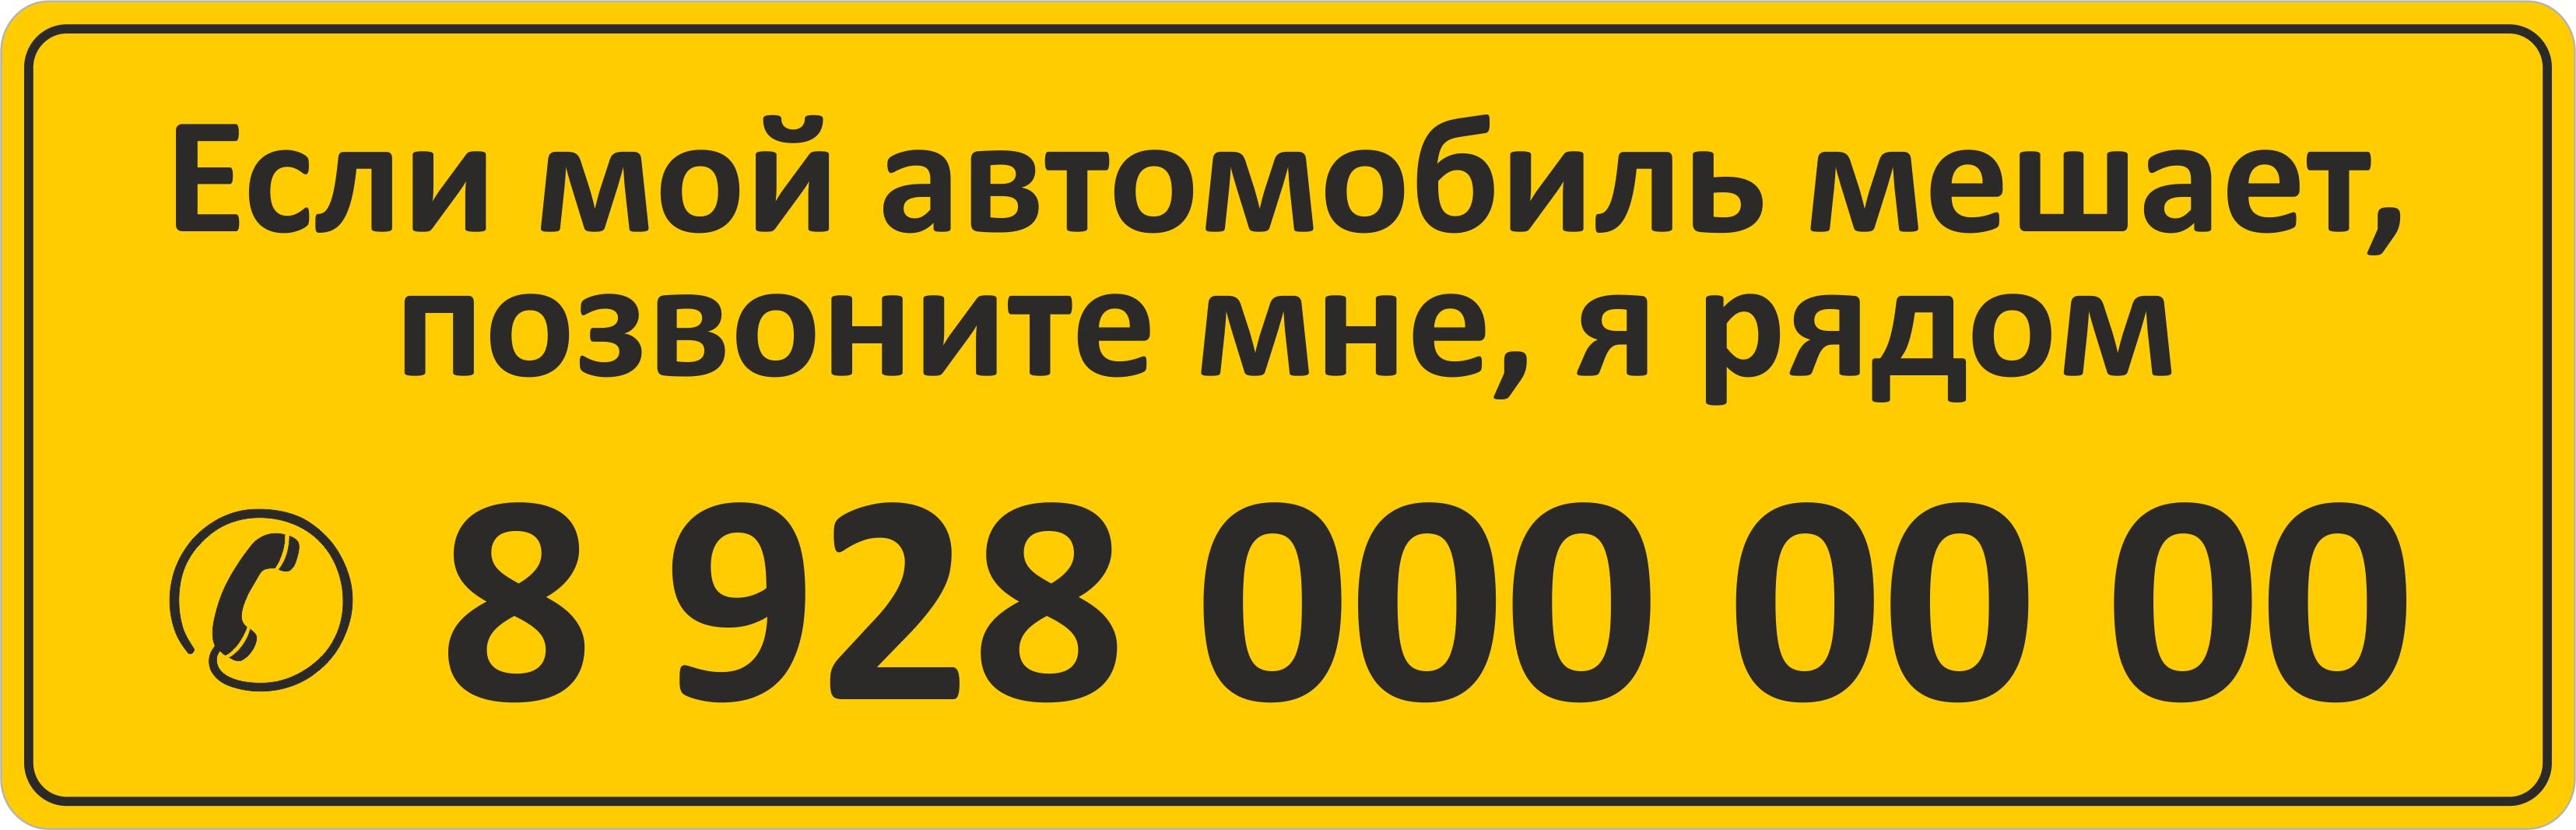 СЦ ЗАПРАВКИНО Табличка в для машины